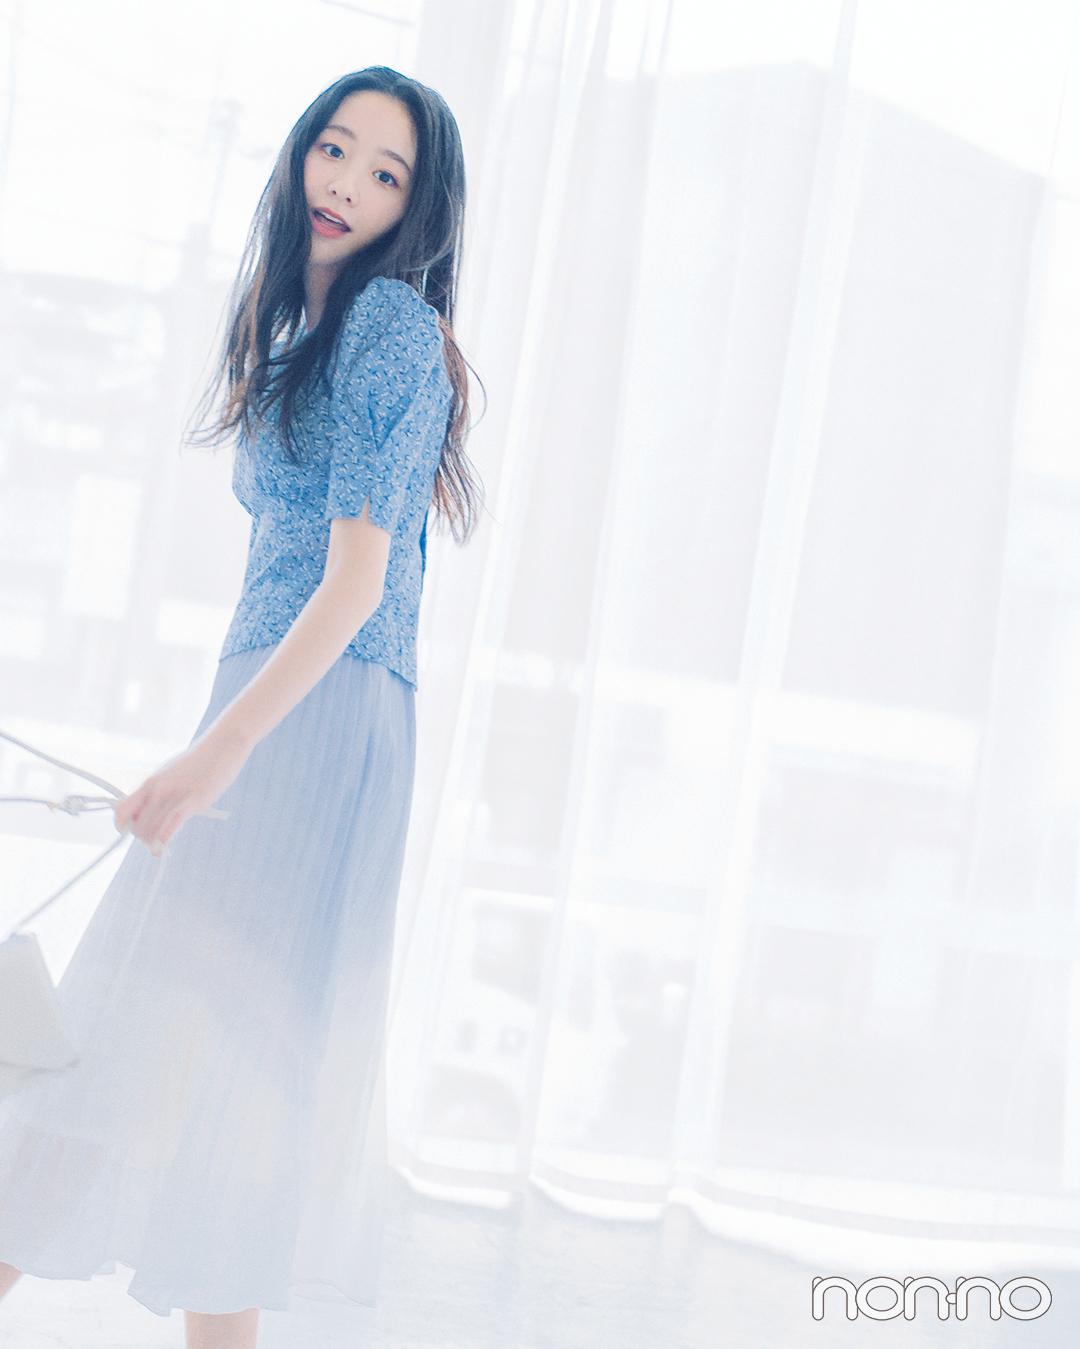 西野七瀬&堀田真由の春のあいまいカラーコーデ♡ 寒色系パステルならこんな感じ!_1_9